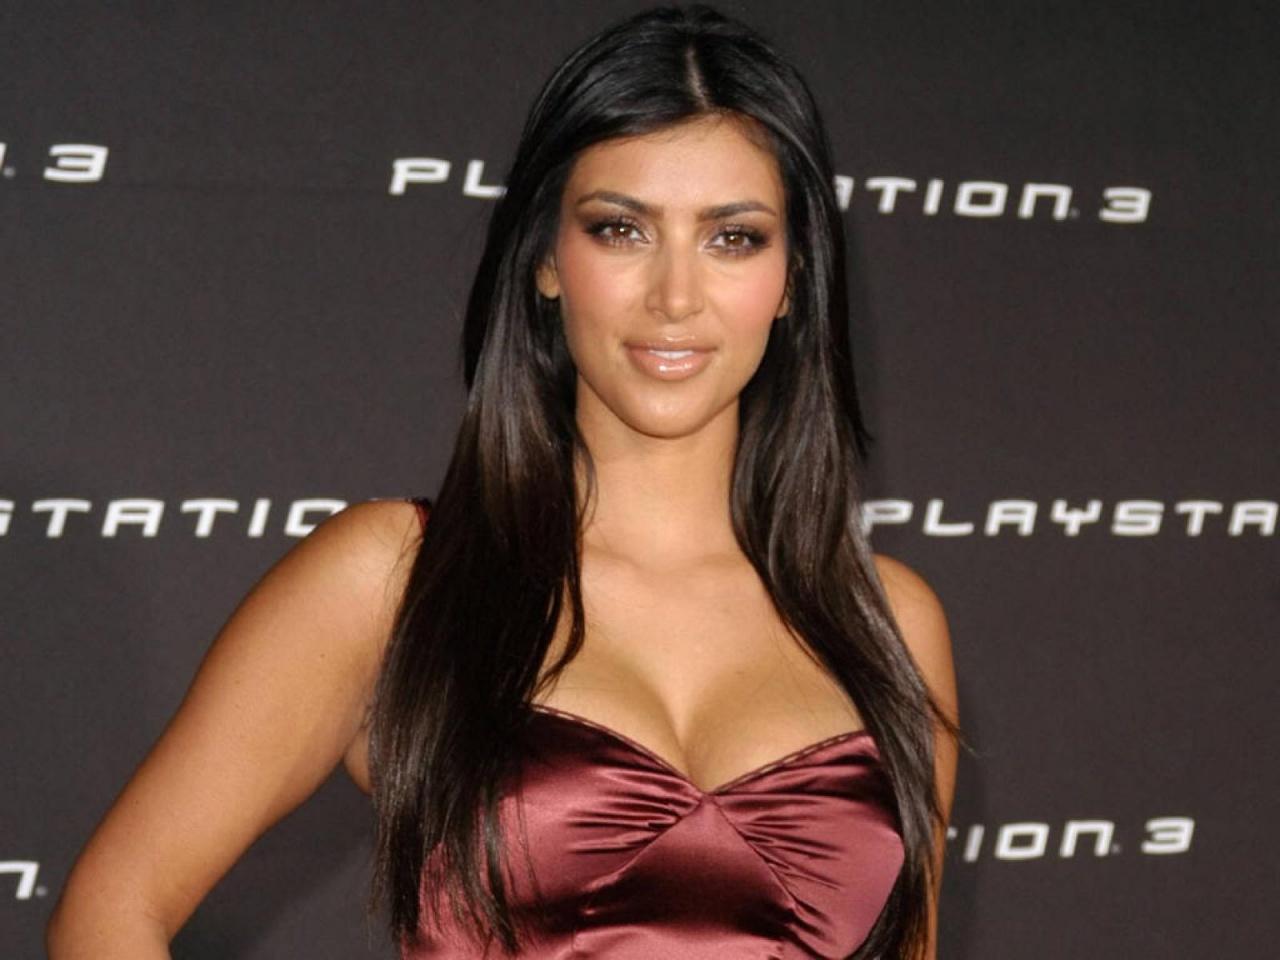 http://3.bp.blogspot.com/-qyXQ-wSJenU/TuBCT5wZL4I/AAAAAAAAAq8/giCI02v7rWk/s1600/Kim+Kardashian+Red+Dress.jpg